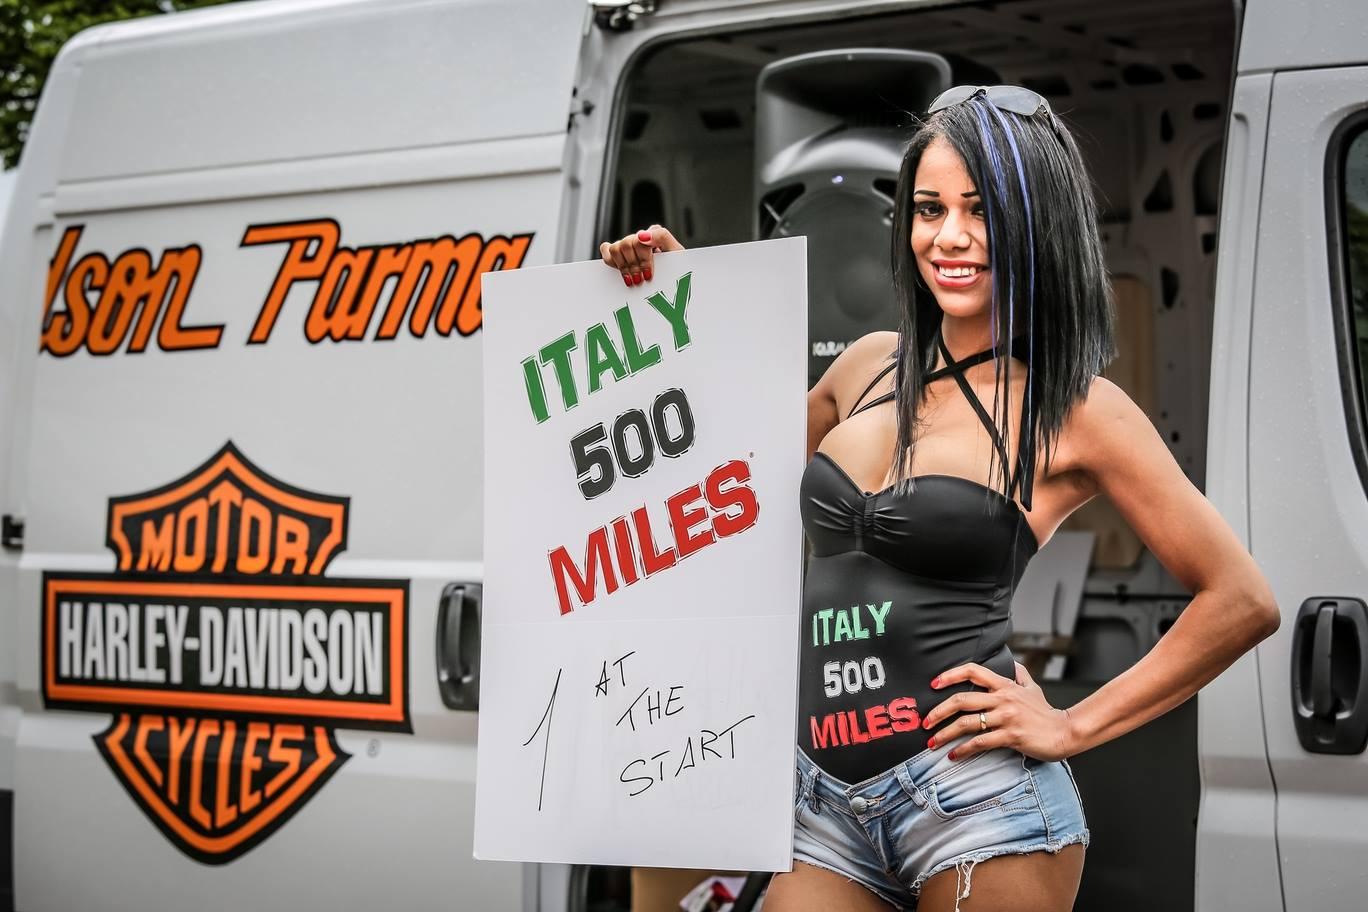 italy_500_miles_2018